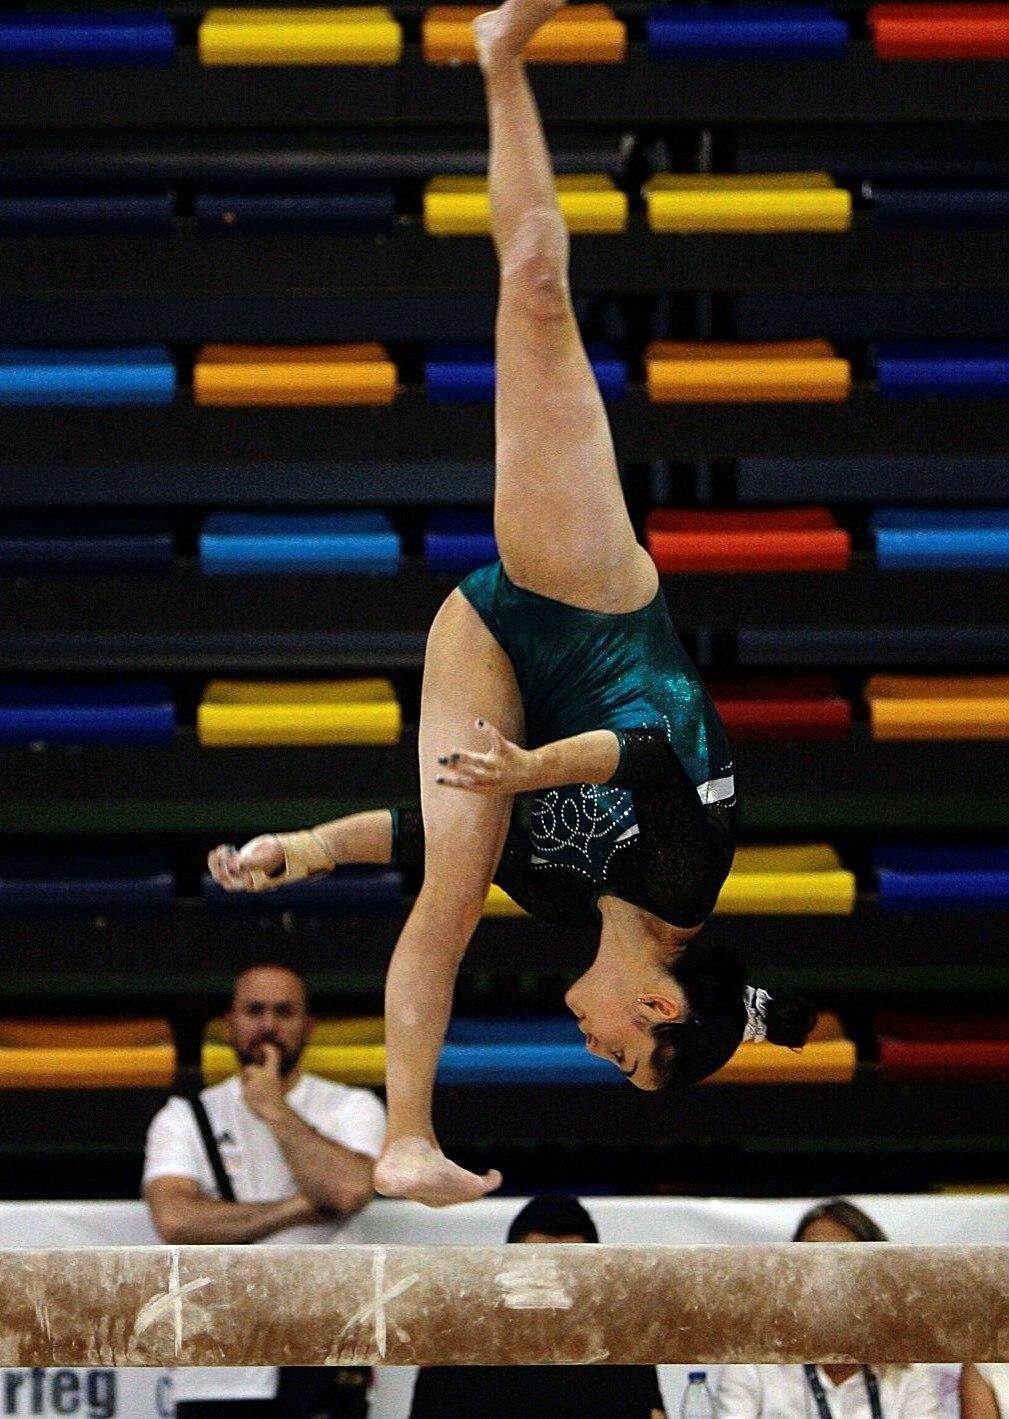 La gimnasta, en un ejercicio en la barra de equilibrios